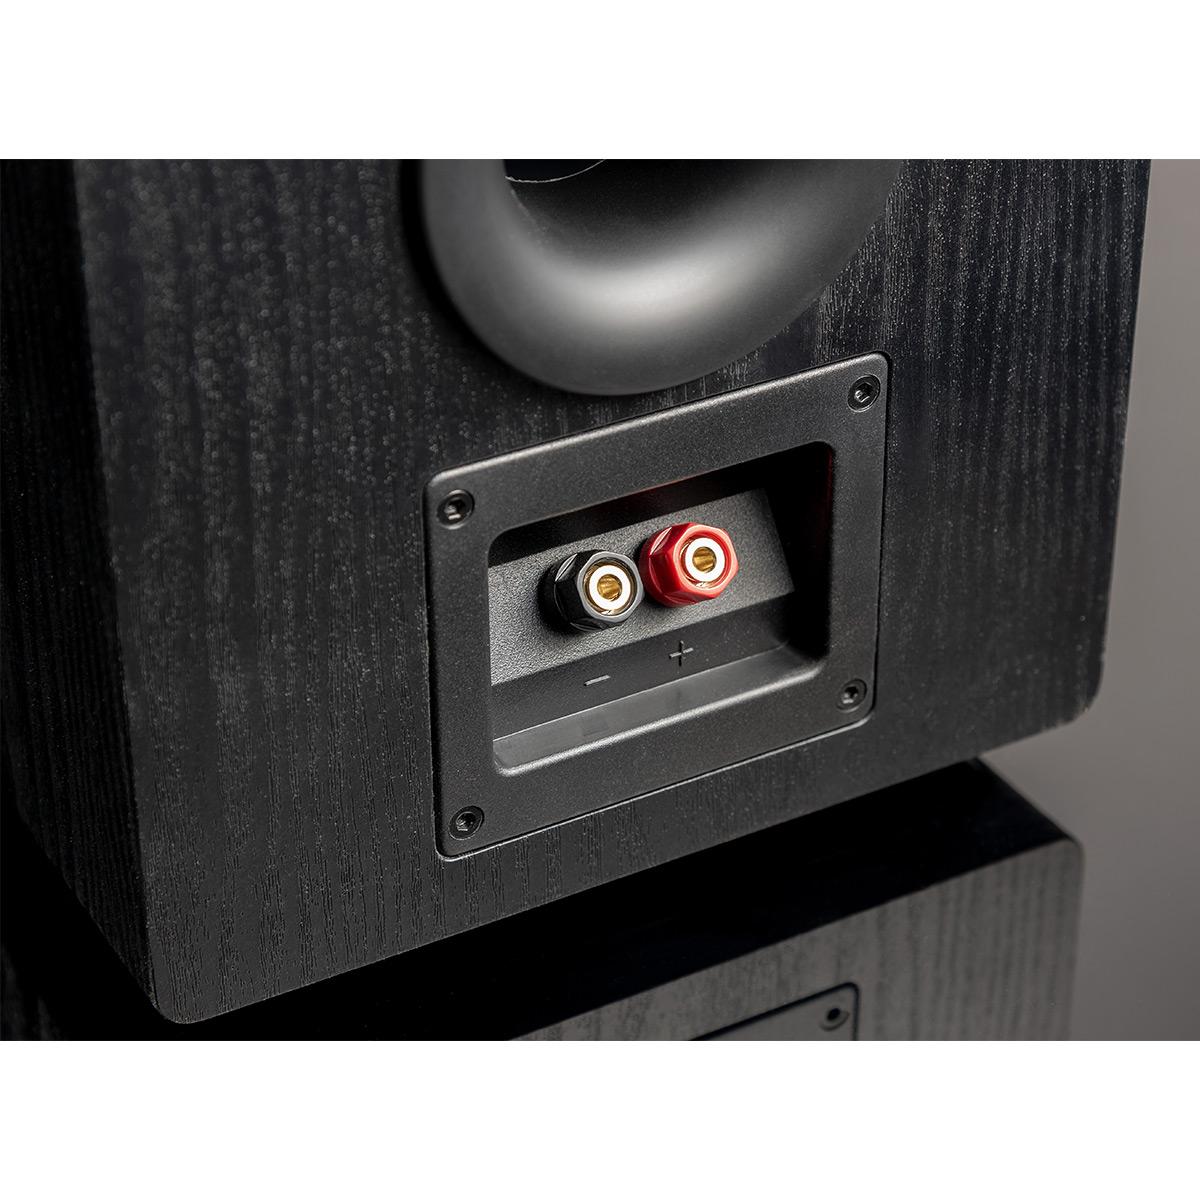 thumbnail 11 - SVS Prime Pinnacle Floorstanding Speakers - Pair